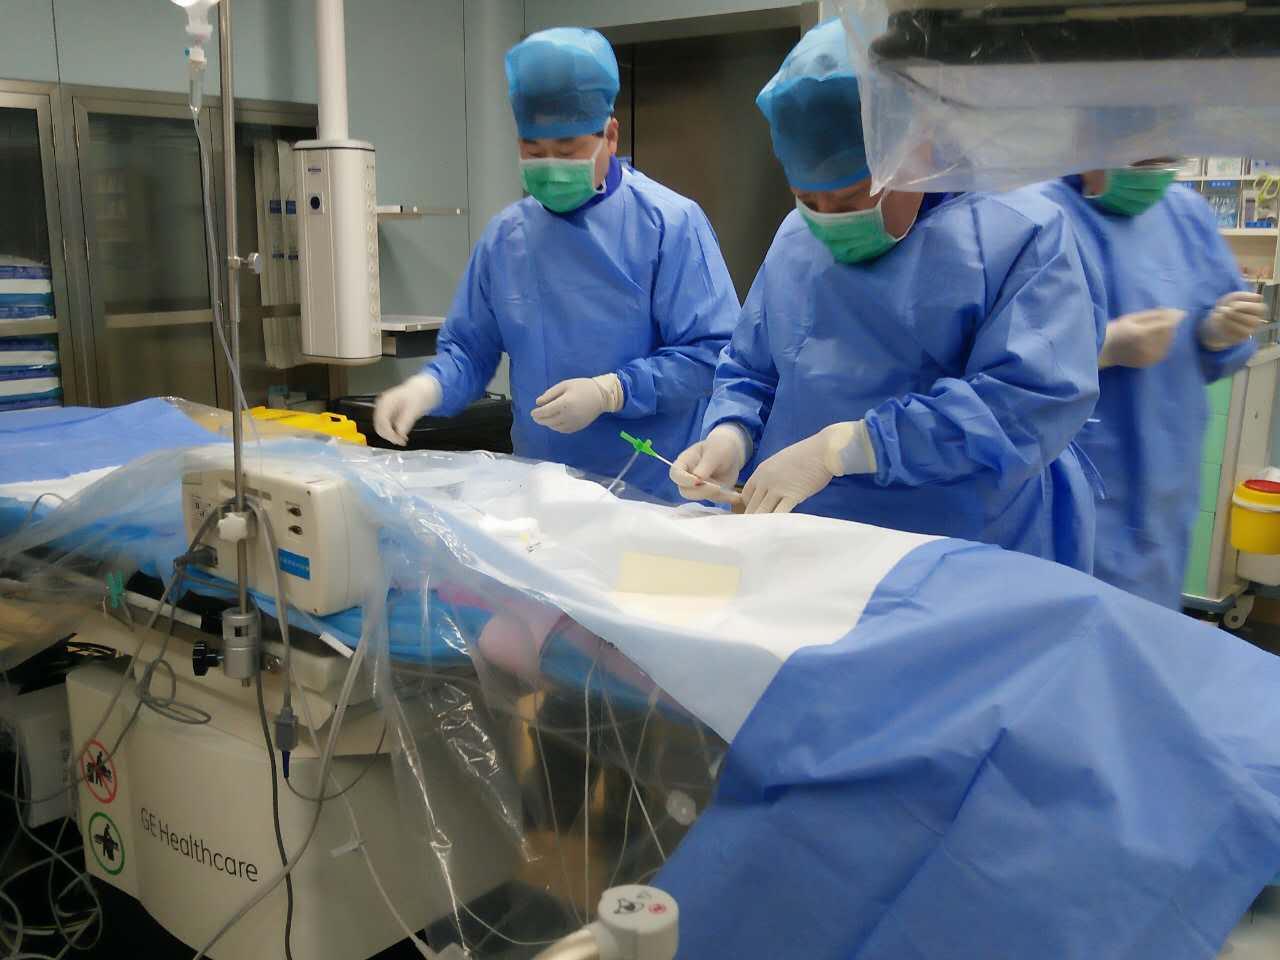 徐州儿童医院心血管内科成功开展小儿先天性心脏病介入封堵手术